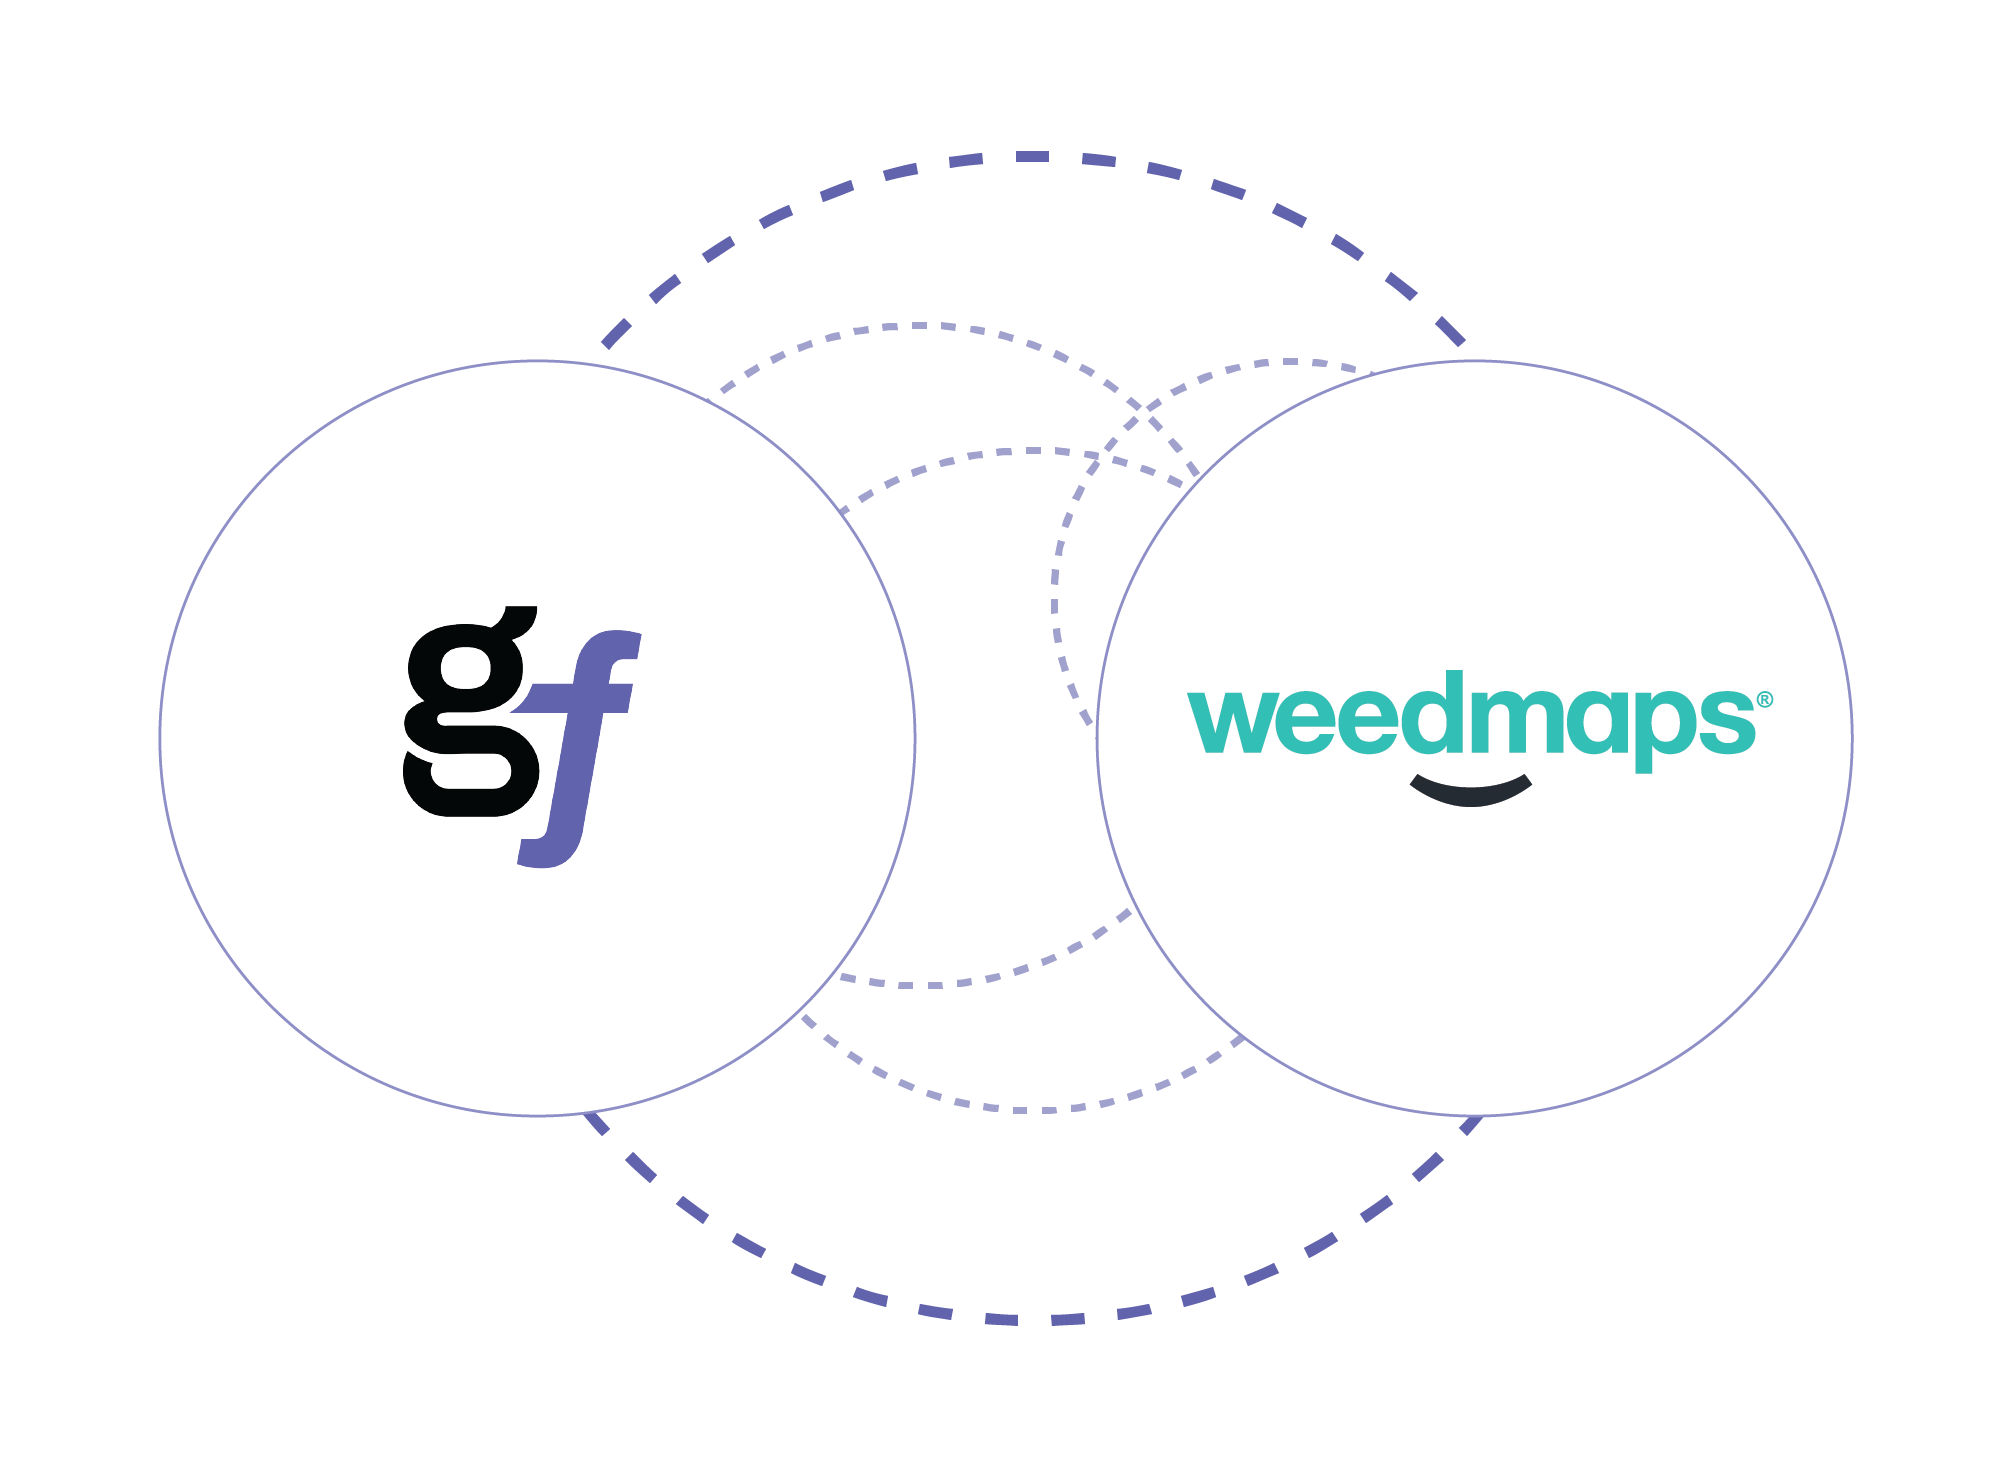 growflow-circle-graphic-weedmaps